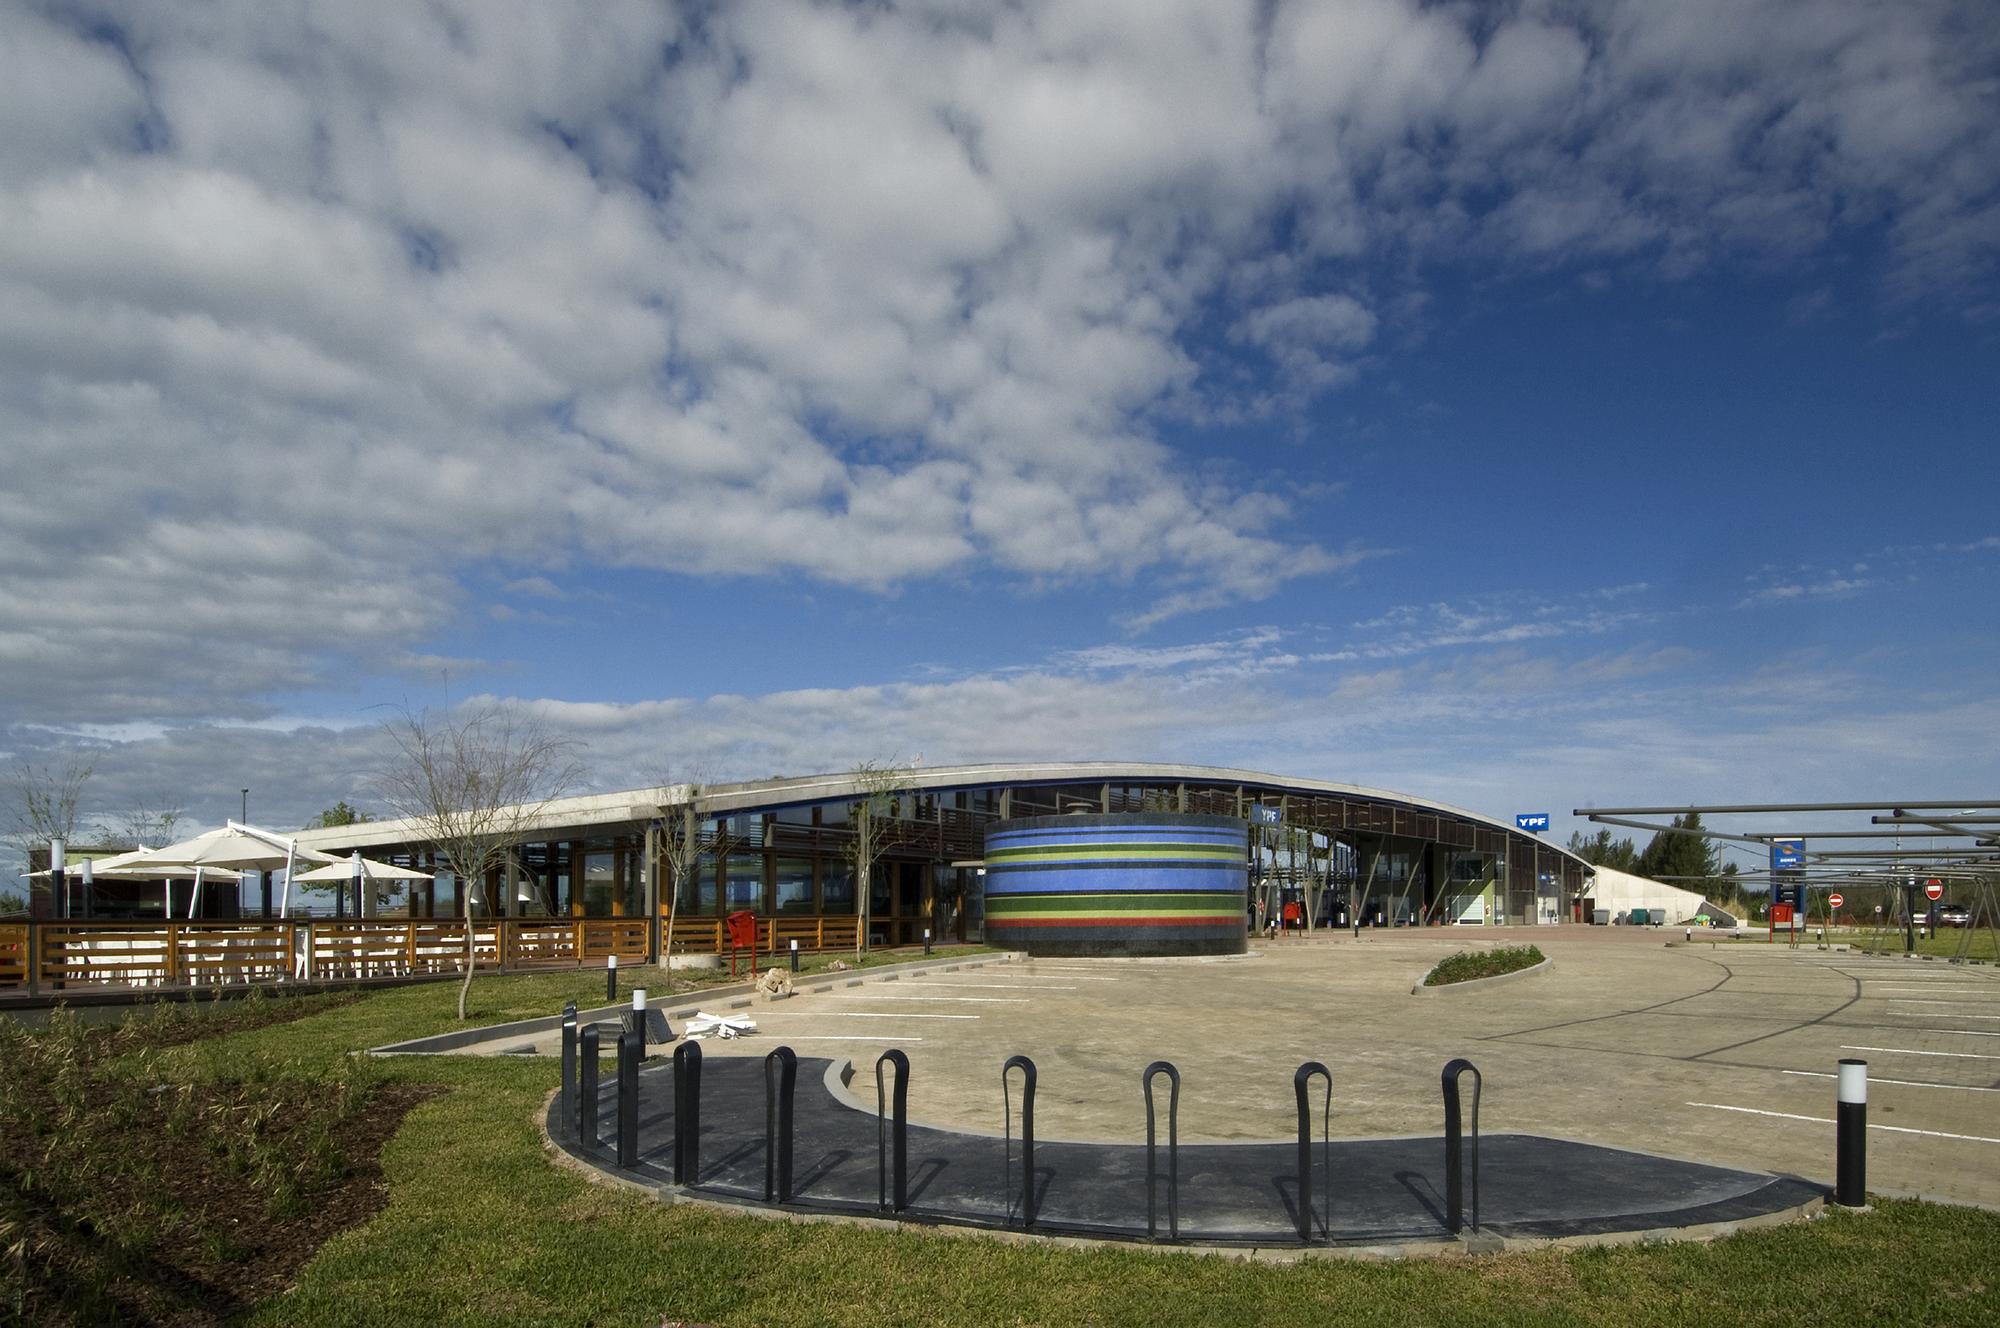 YPF Estación de servicio Tigre-Nordelta / Hampton+Rivoira+Arquitectos, © Daniela Maccaden